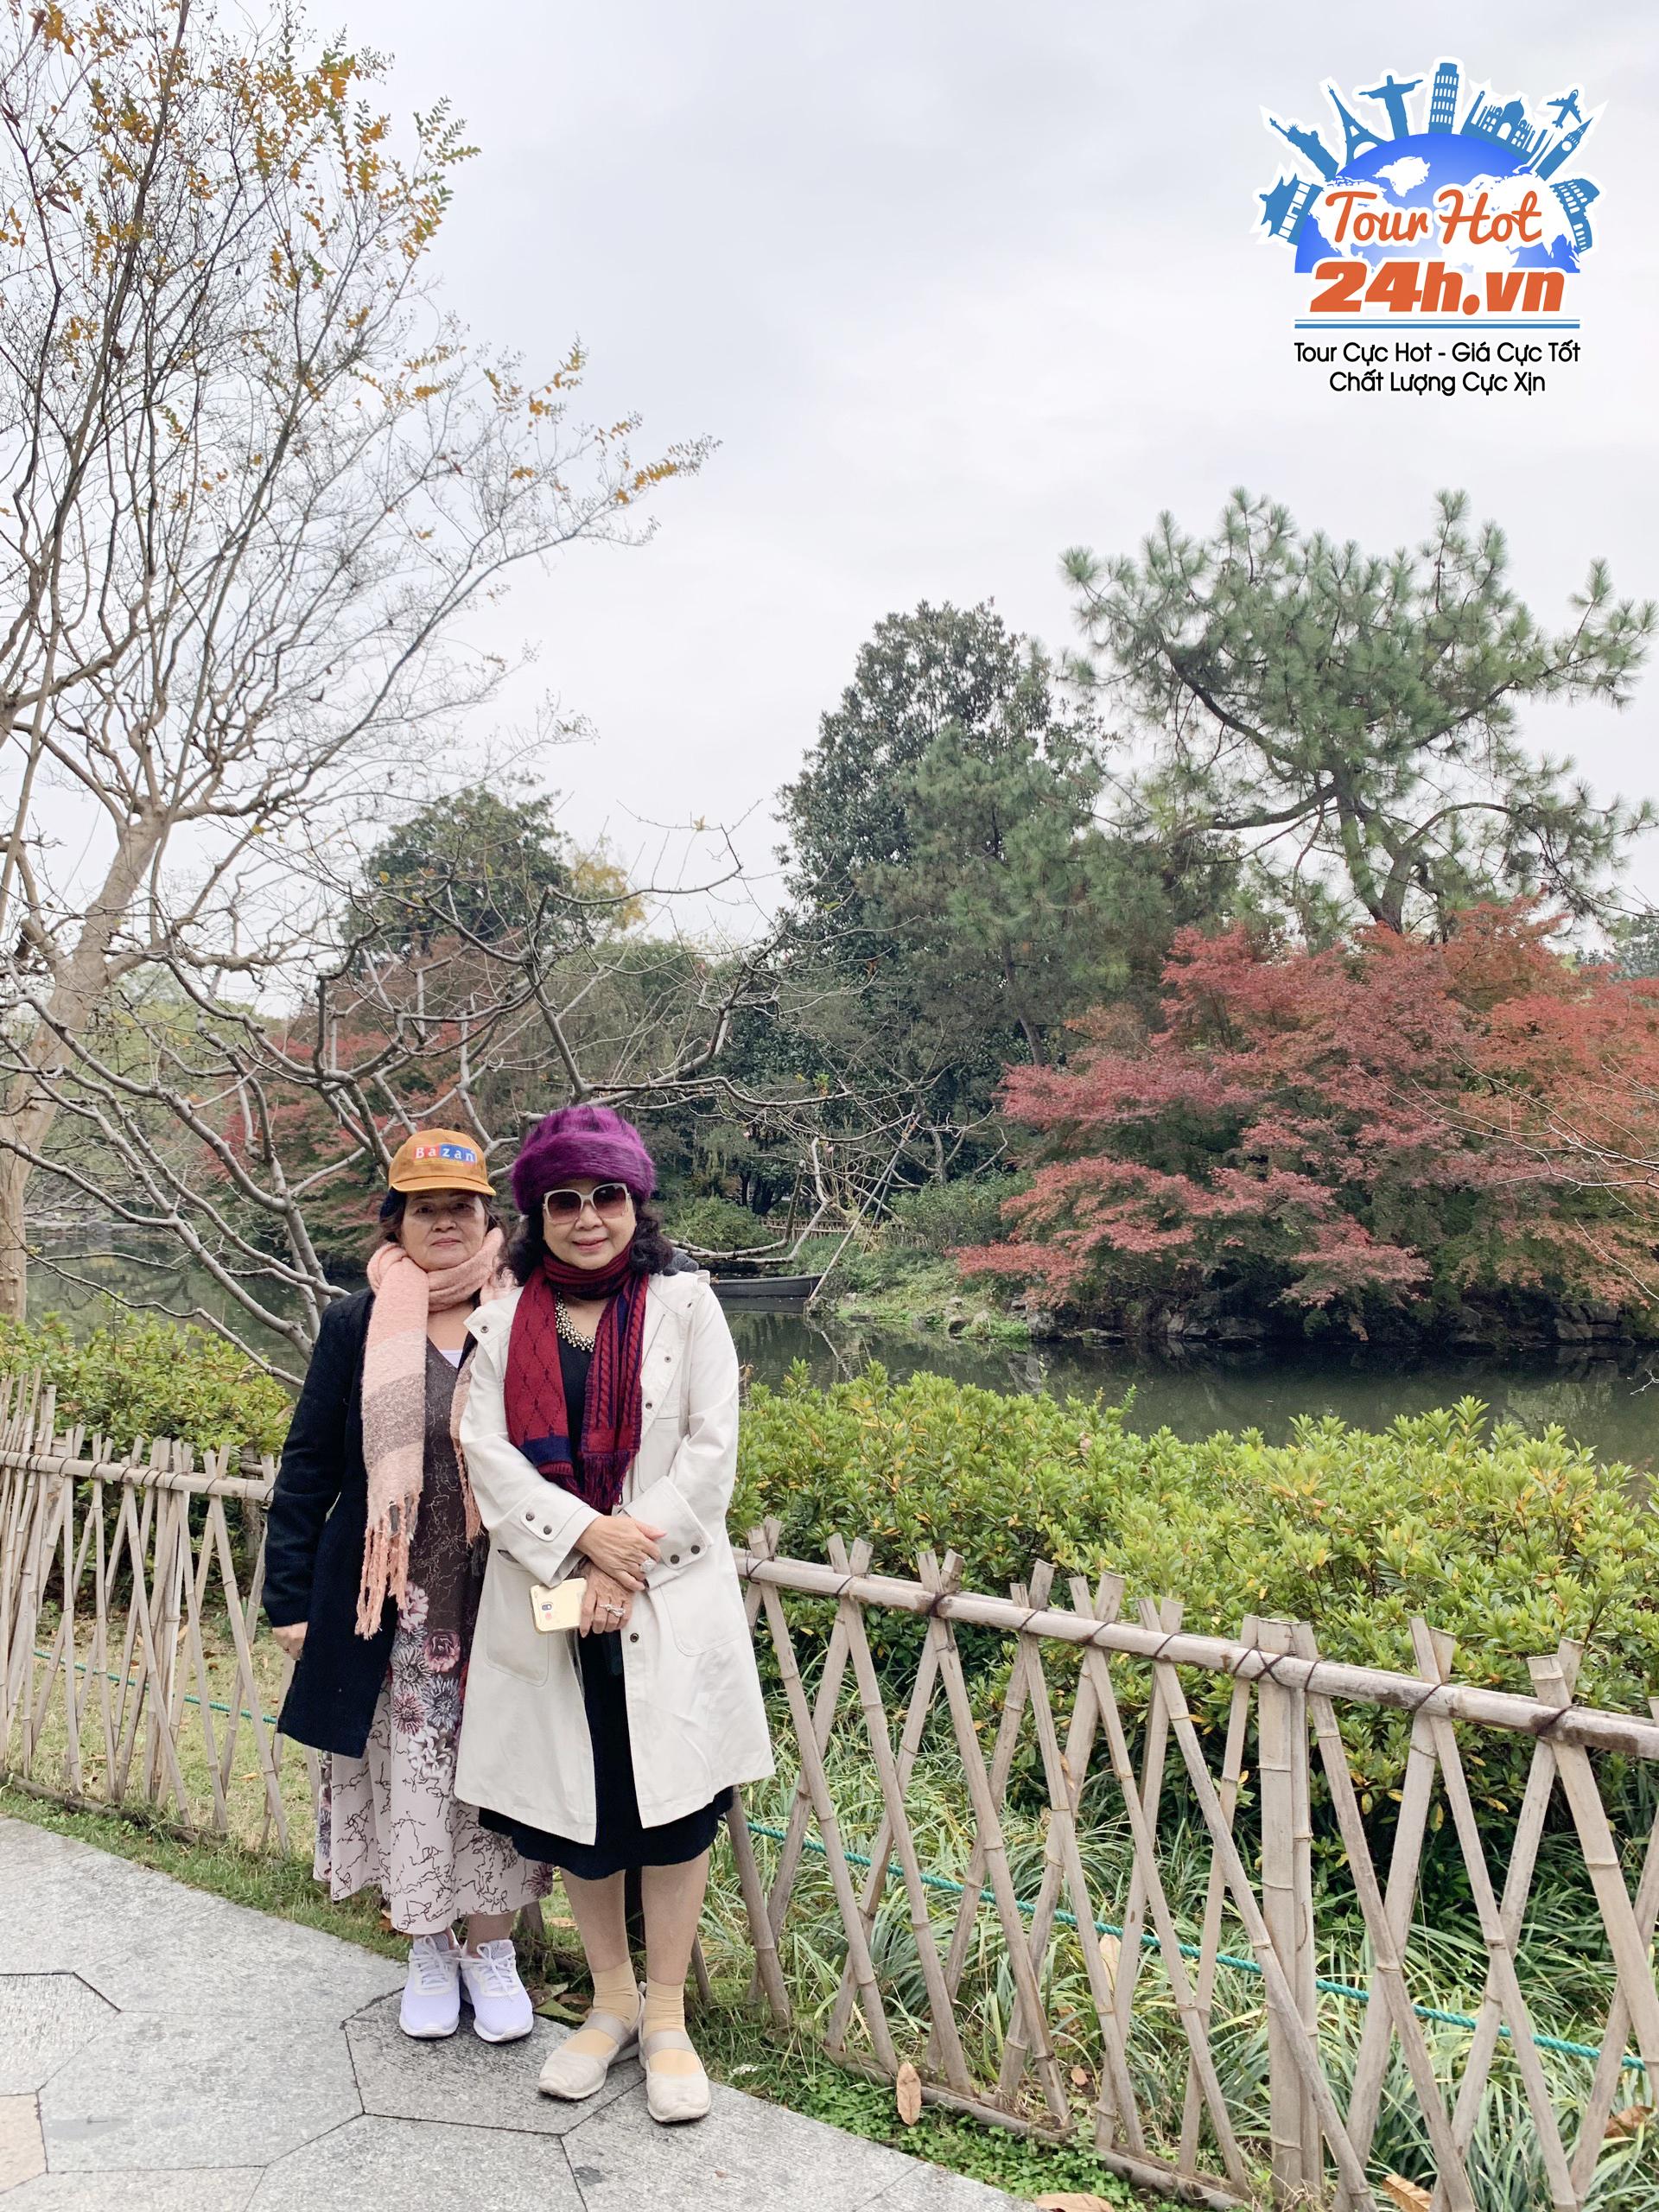 Khách hàng tour Hoàng Sơn